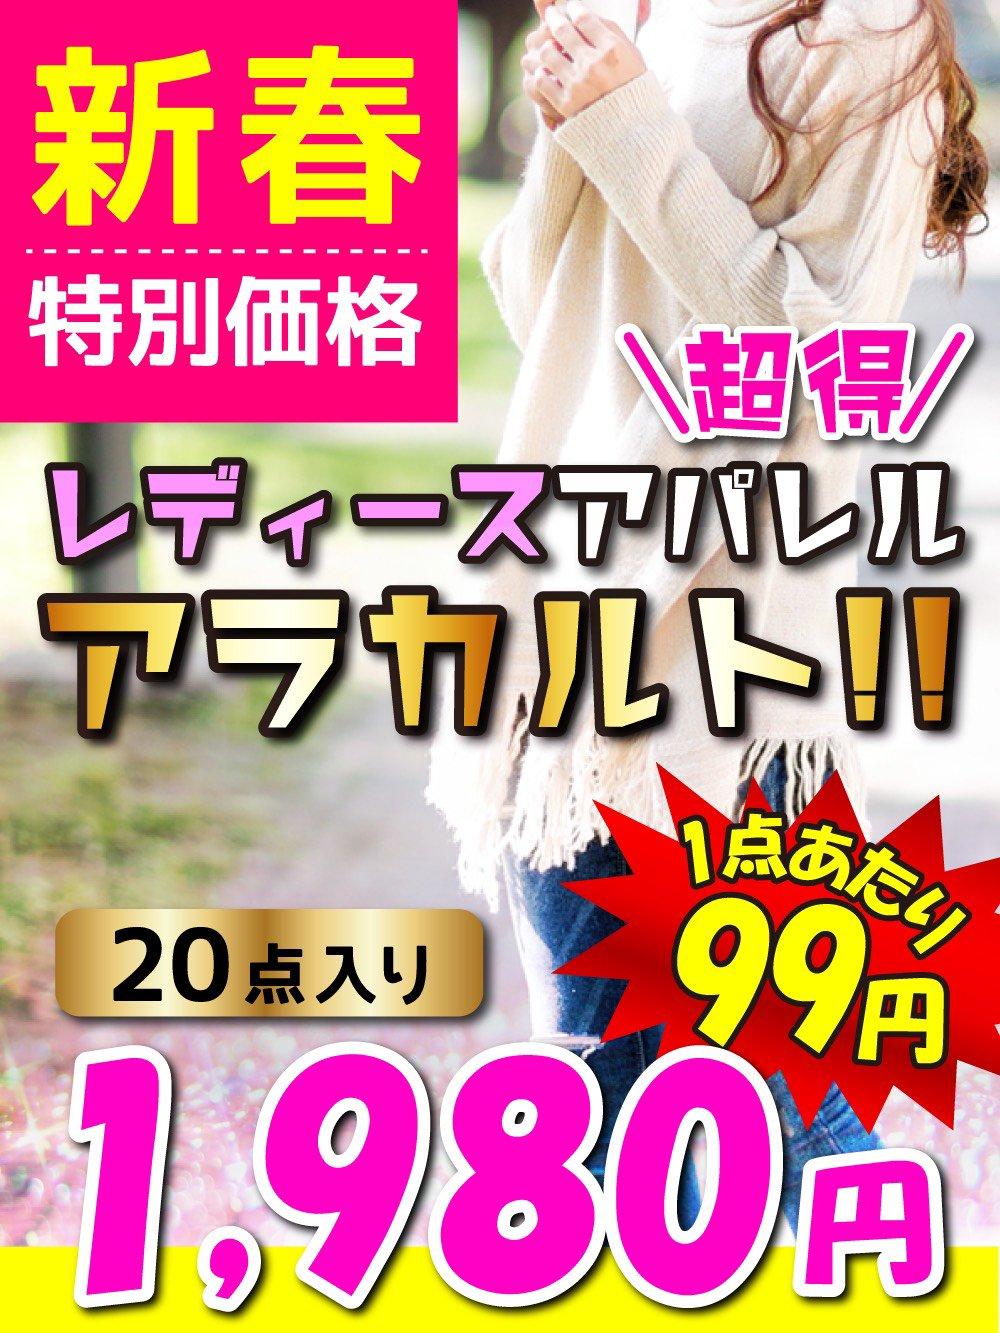 【新春特別価格!】レディースアパレル超得アラカルト!【20点】@99